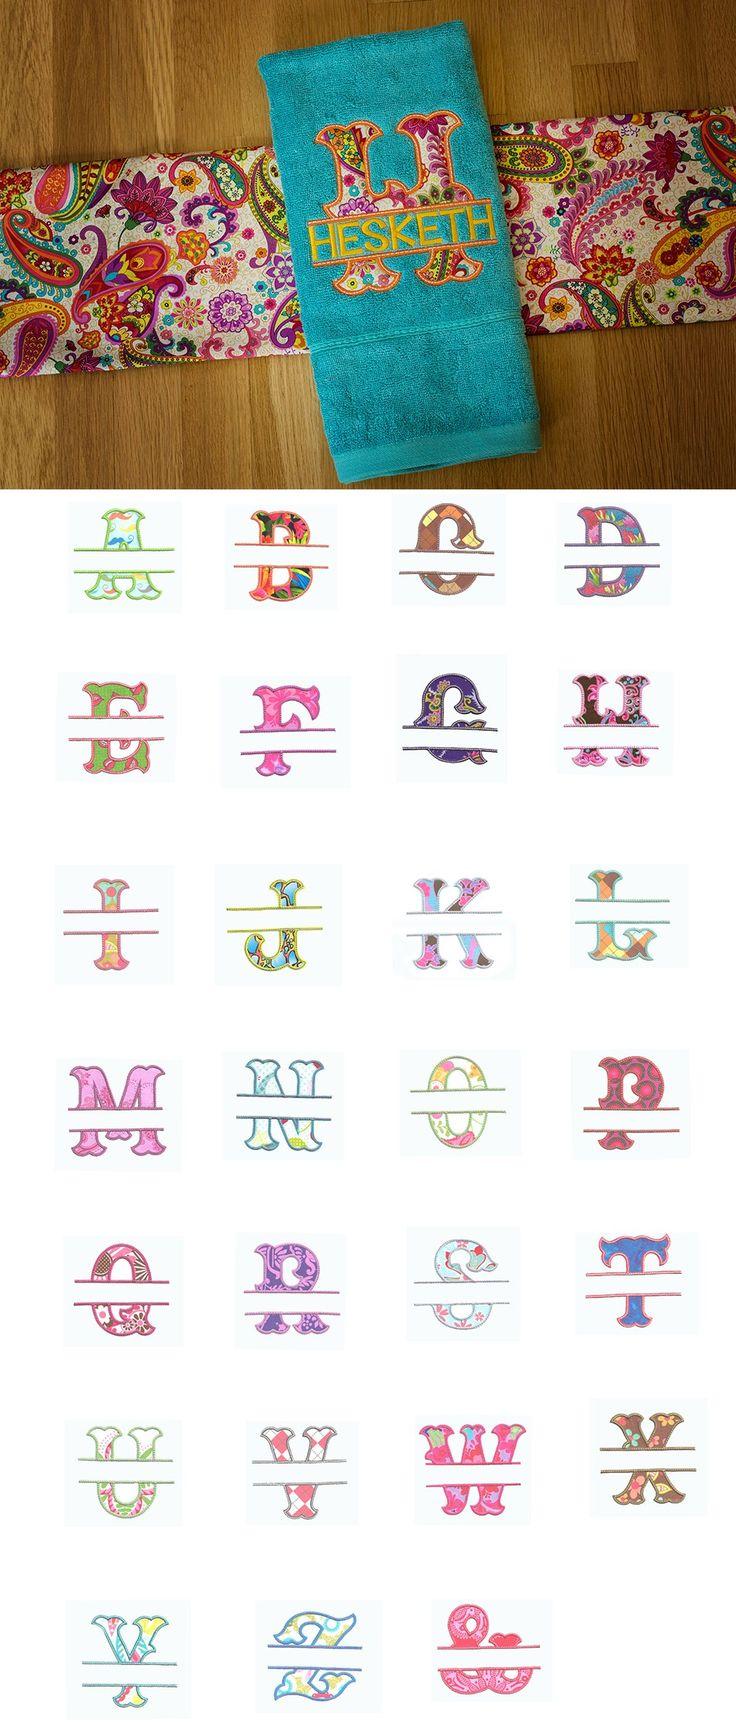 DBJJ672 https://www.designsbyjuju.com/split-wanda-applique-alphabet